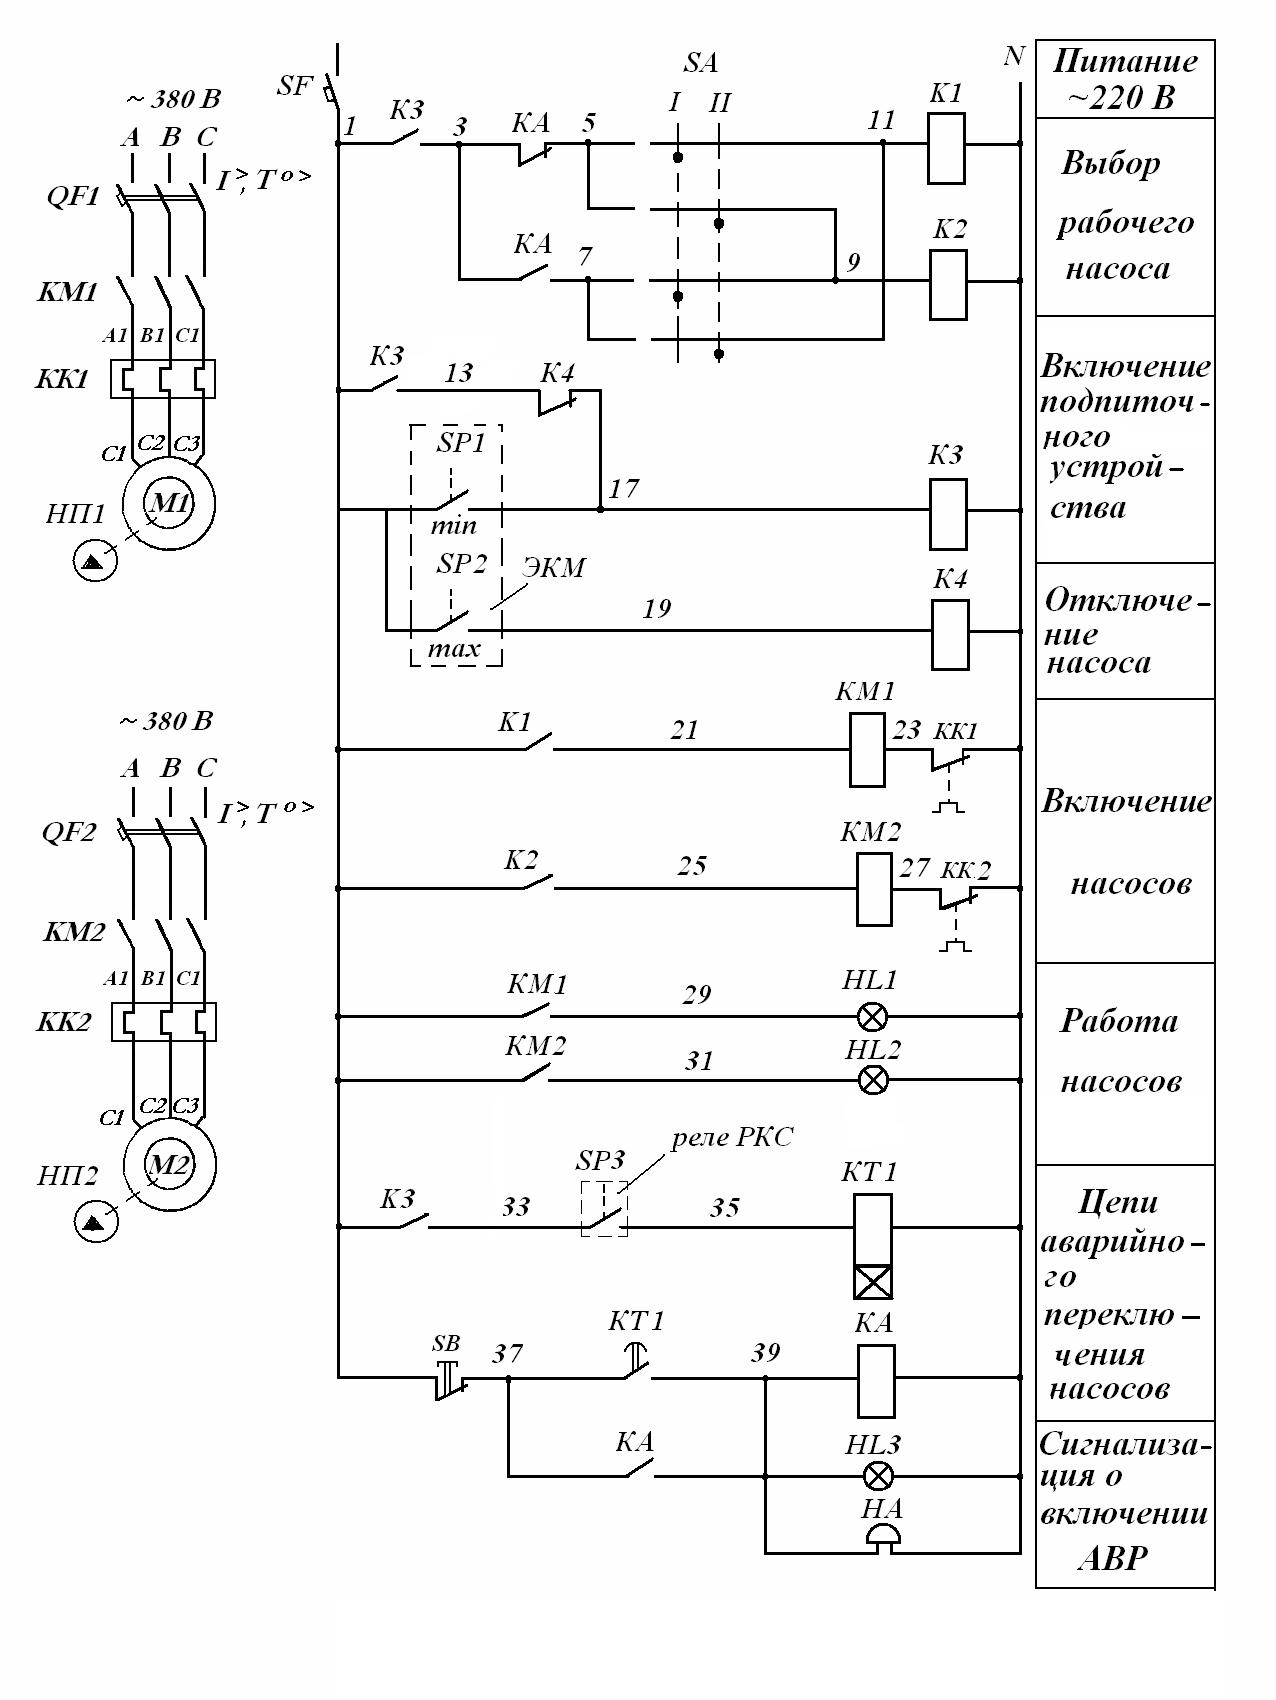 Принципиальная электрическая схема насоса фото 462